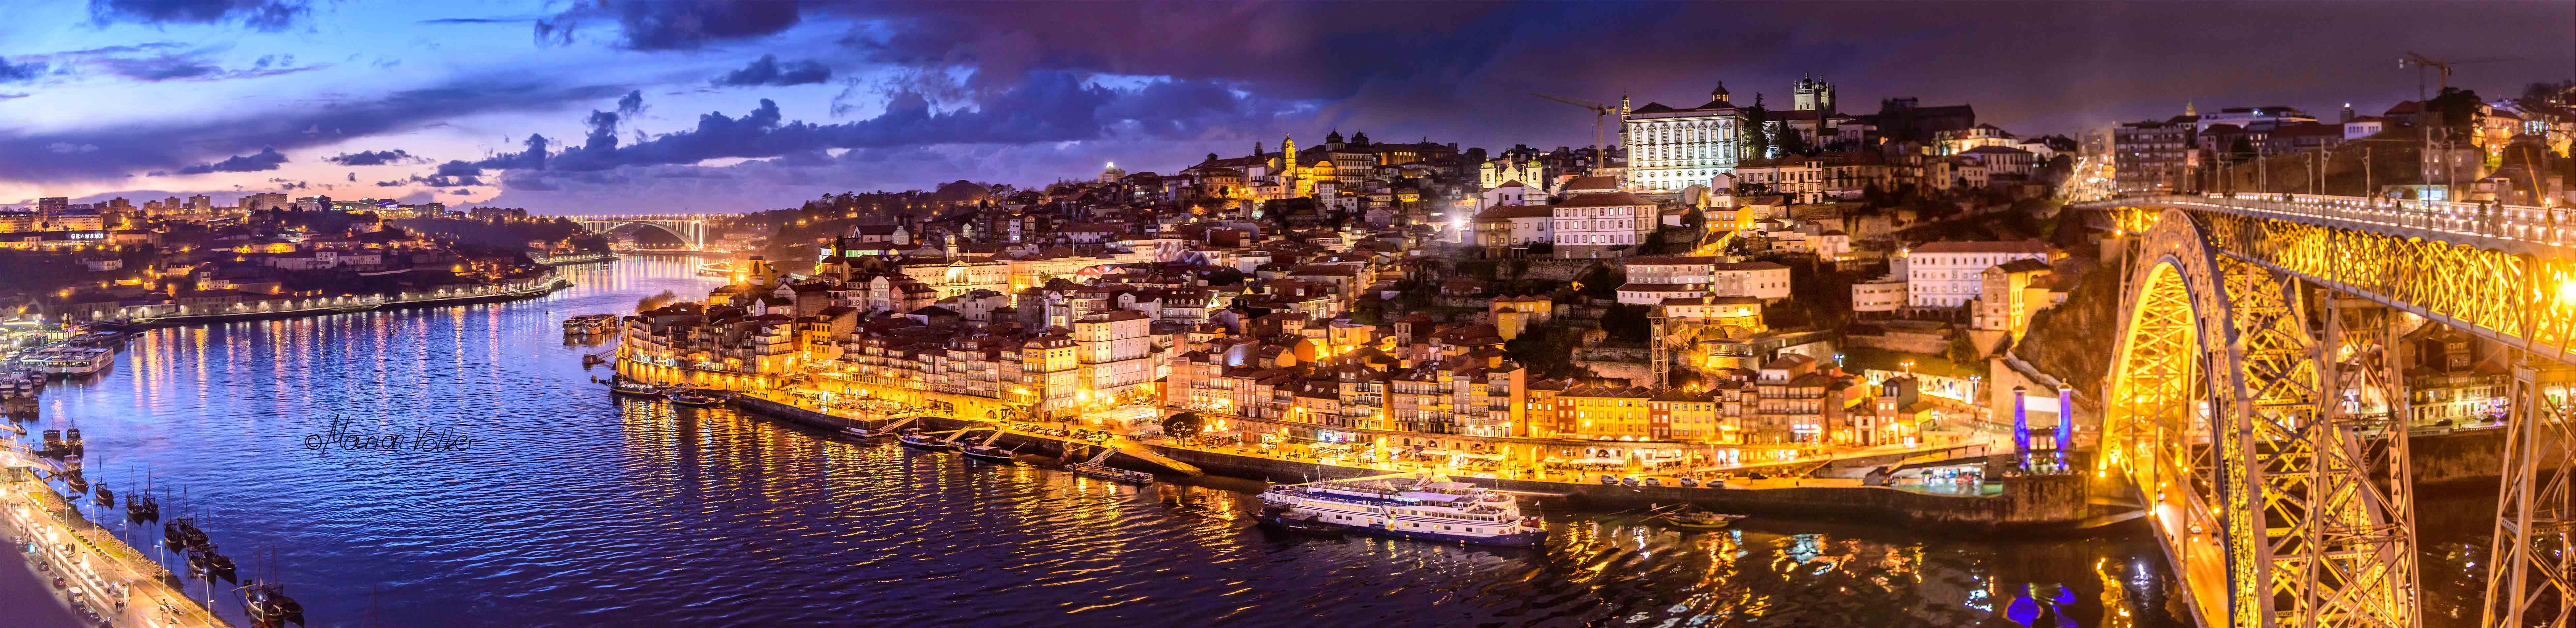 Nachts fängt Porto richtig zu funkeln an